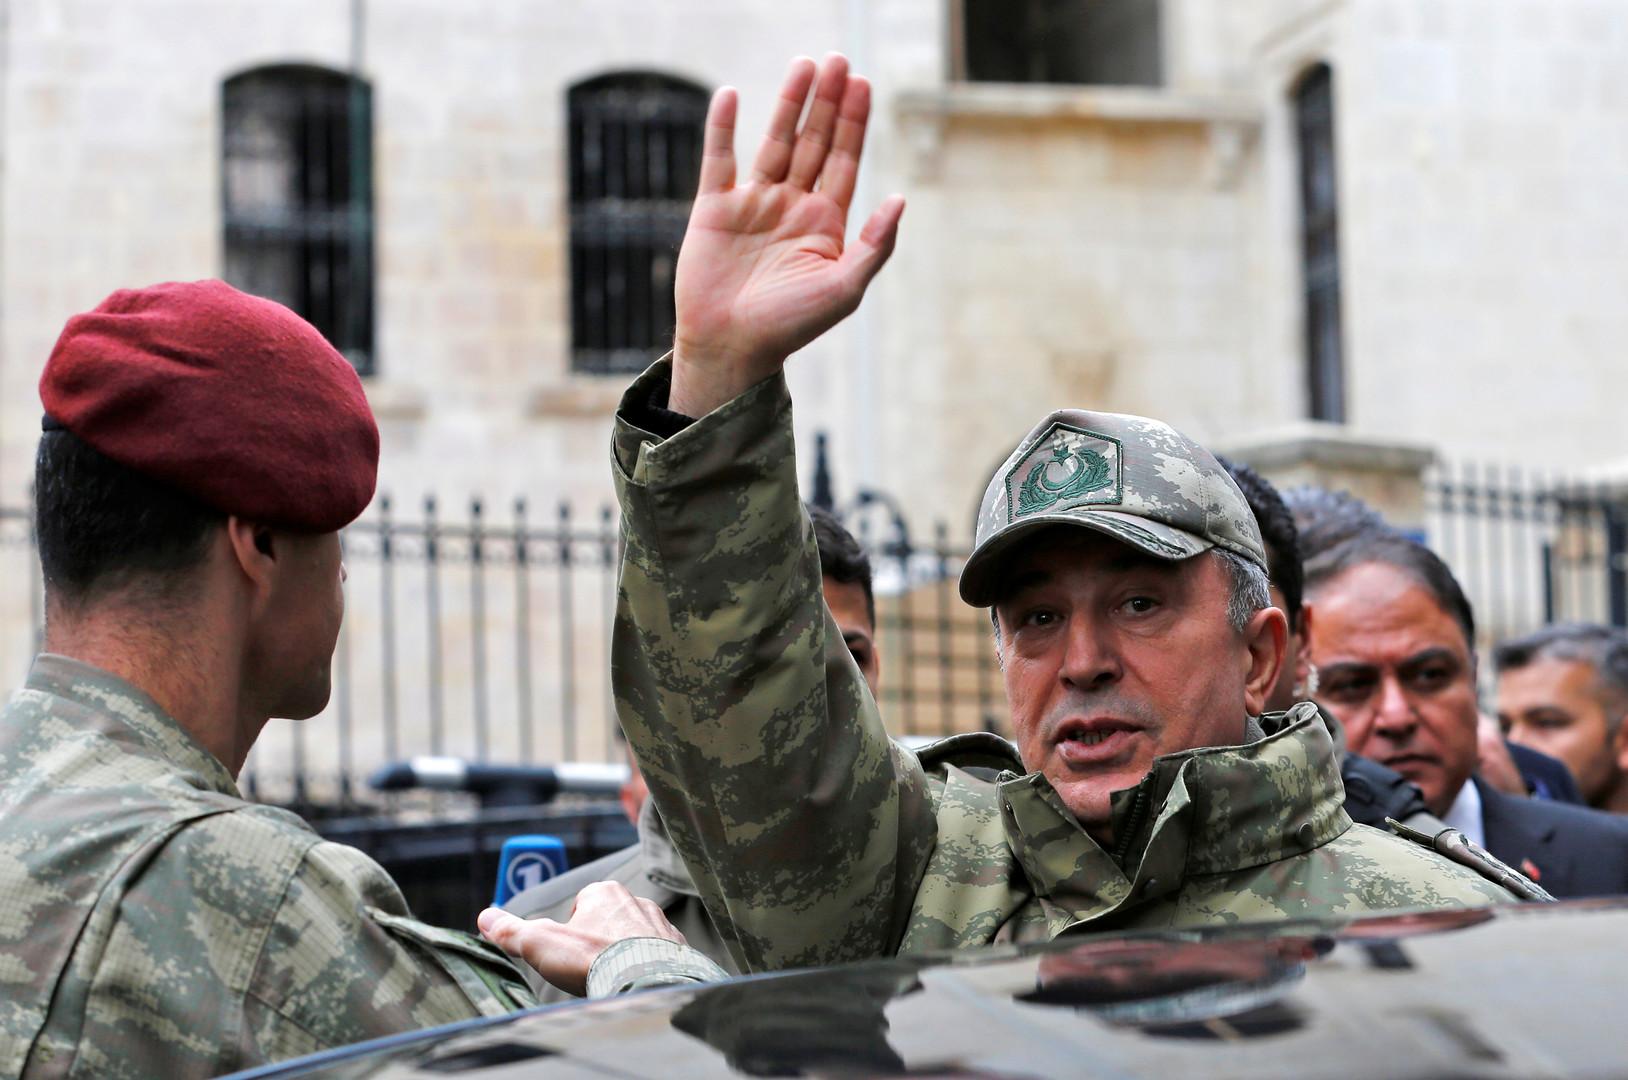 تركيا تصر على المنطقة الآمنة في سوريا بعرض 30-40 كيلومترا